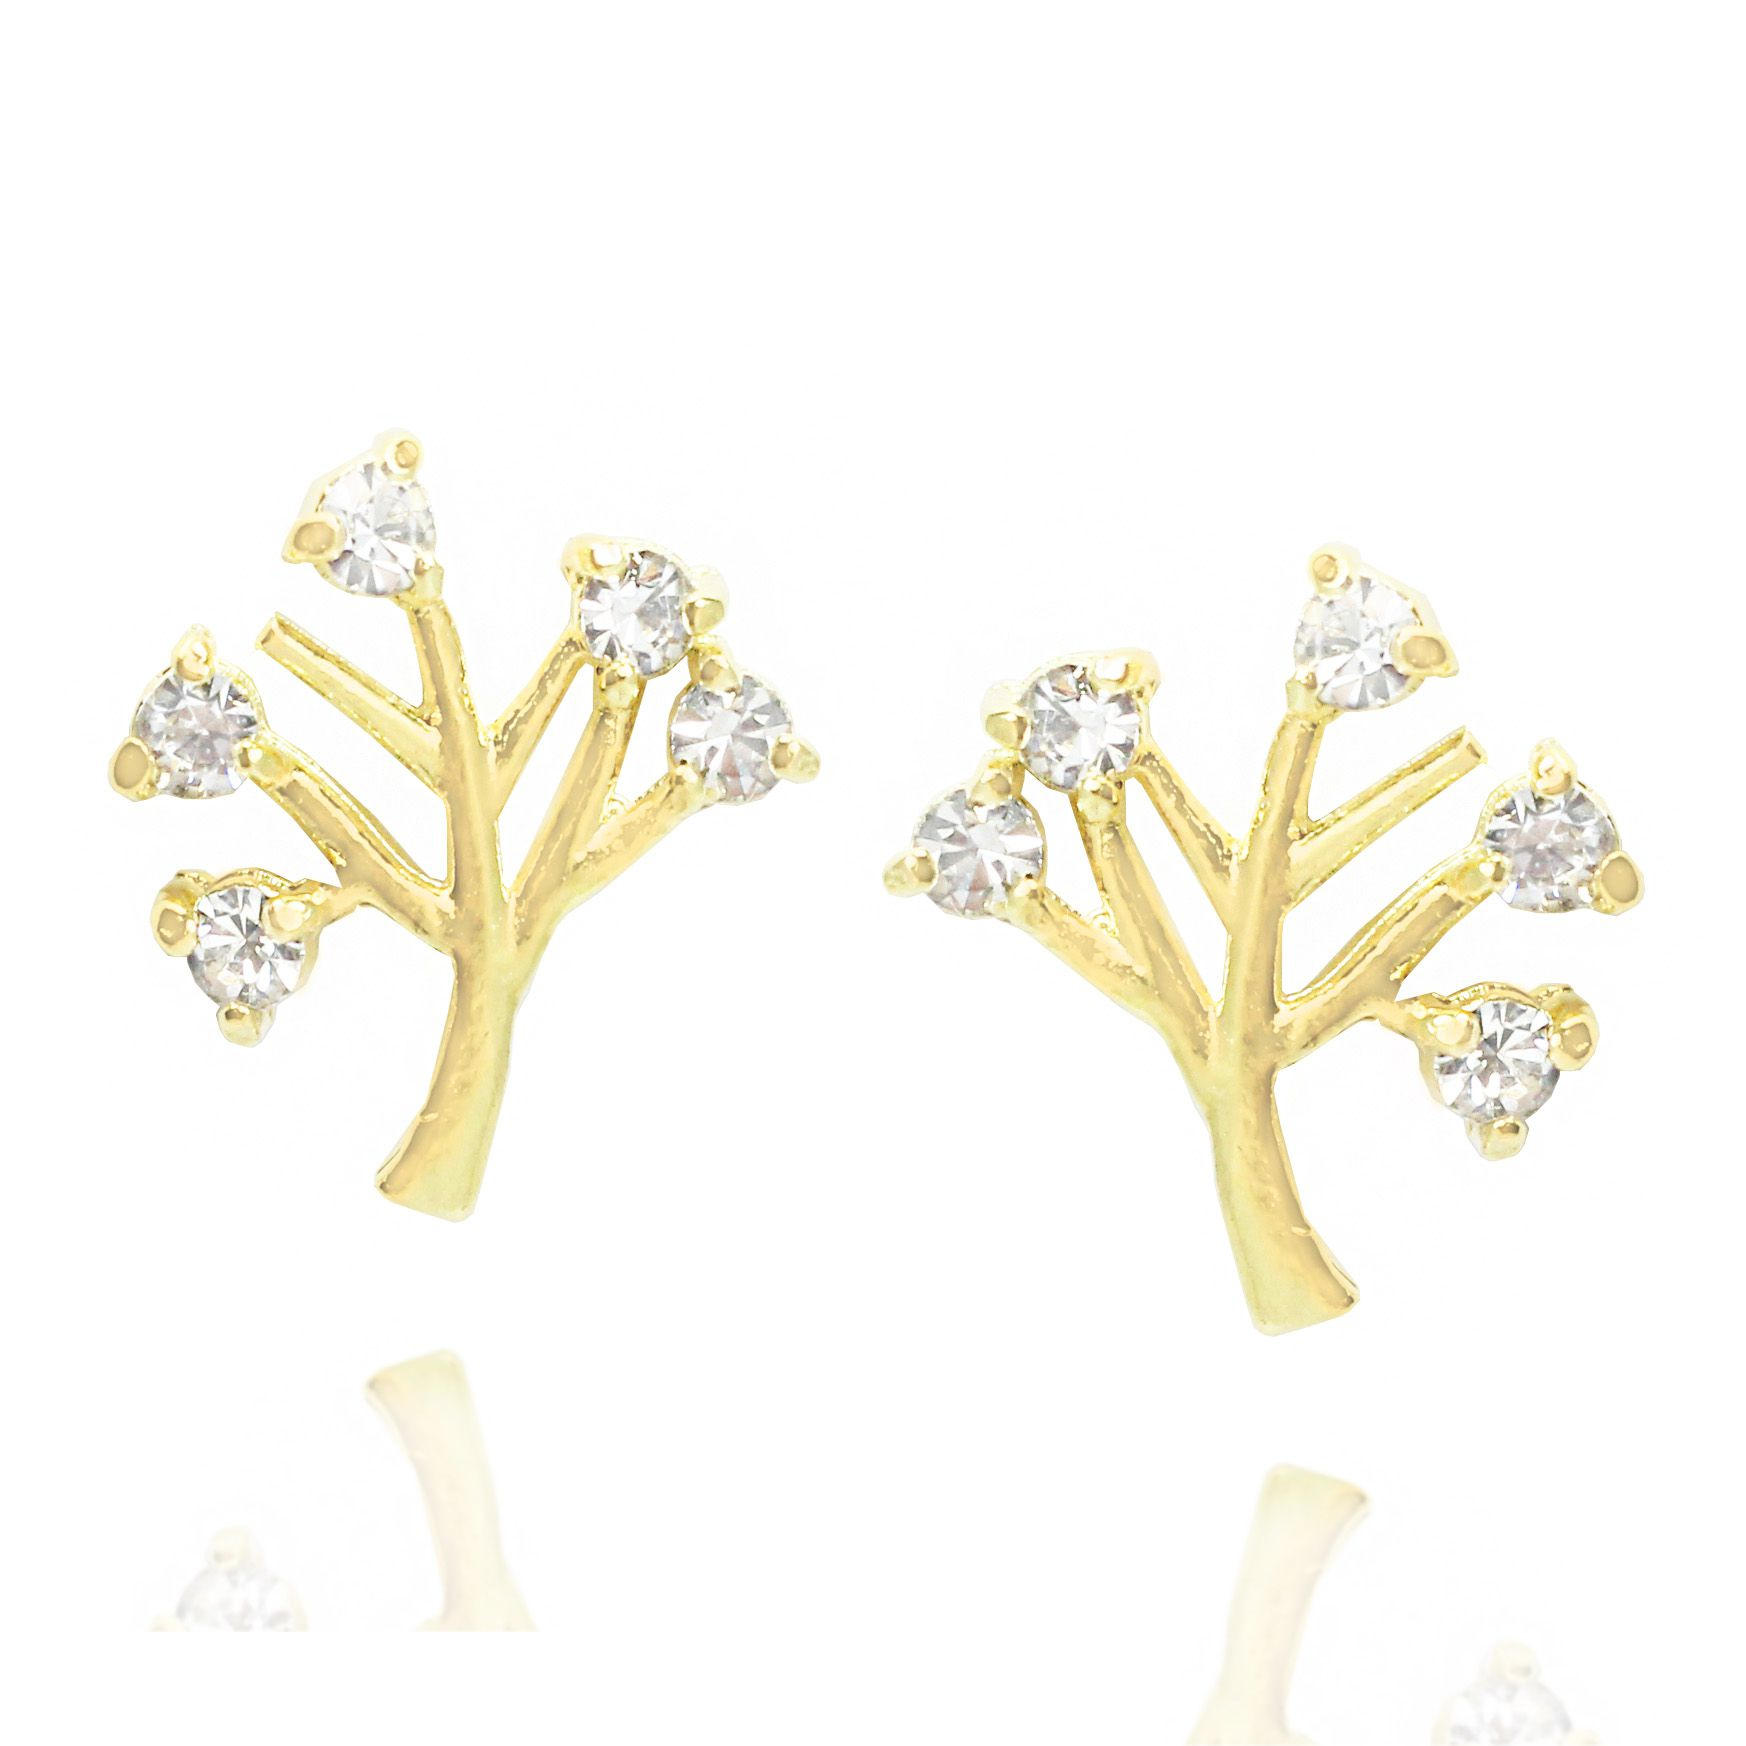 Brinco Árvore Da Vida Strass Folheado Ouro 18k